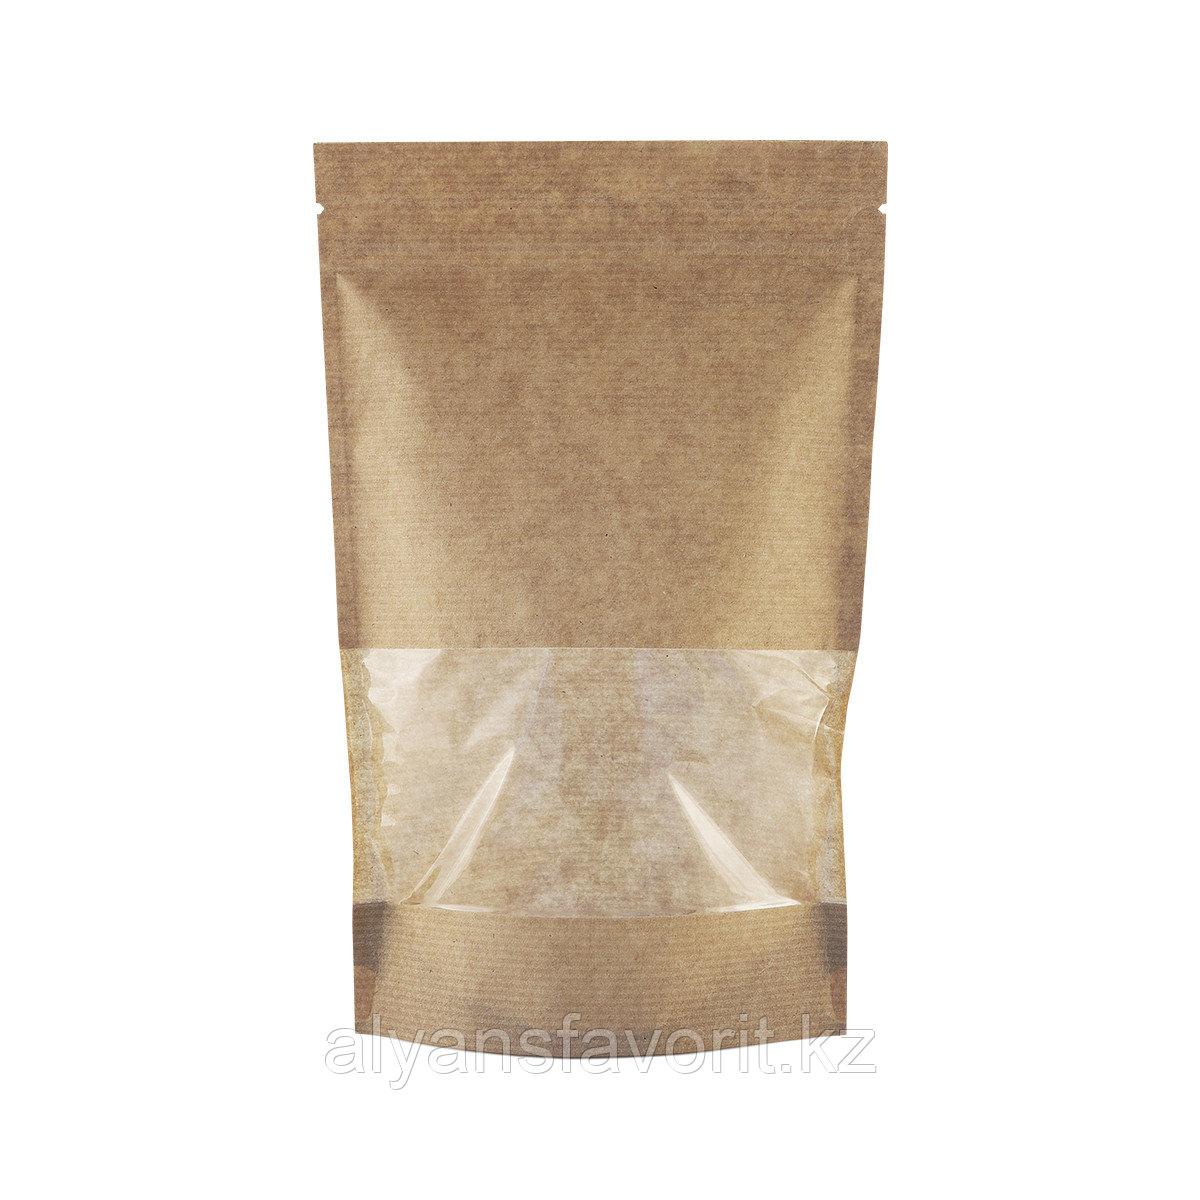 Пакет дой-пак  бумажный крафт с прозрачным окном 70 мм и  замком зип-лок (zip-lock)